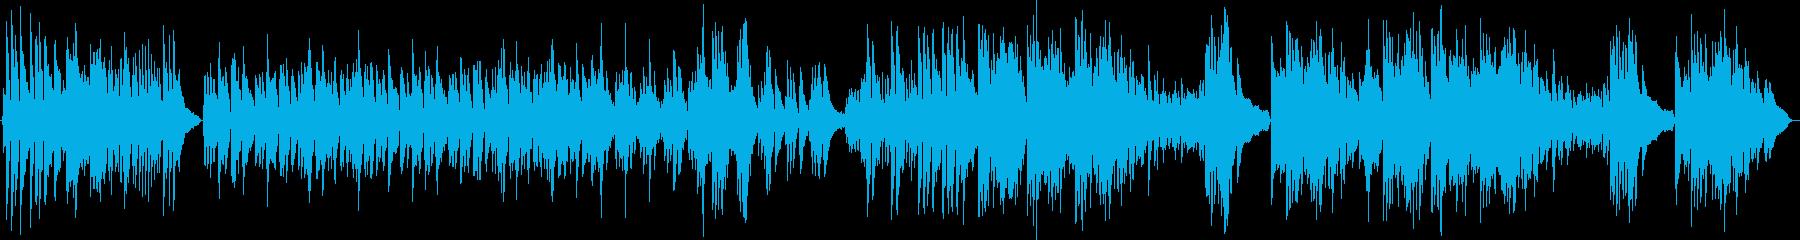 明るくポップなピアノソロの再生済みの波形